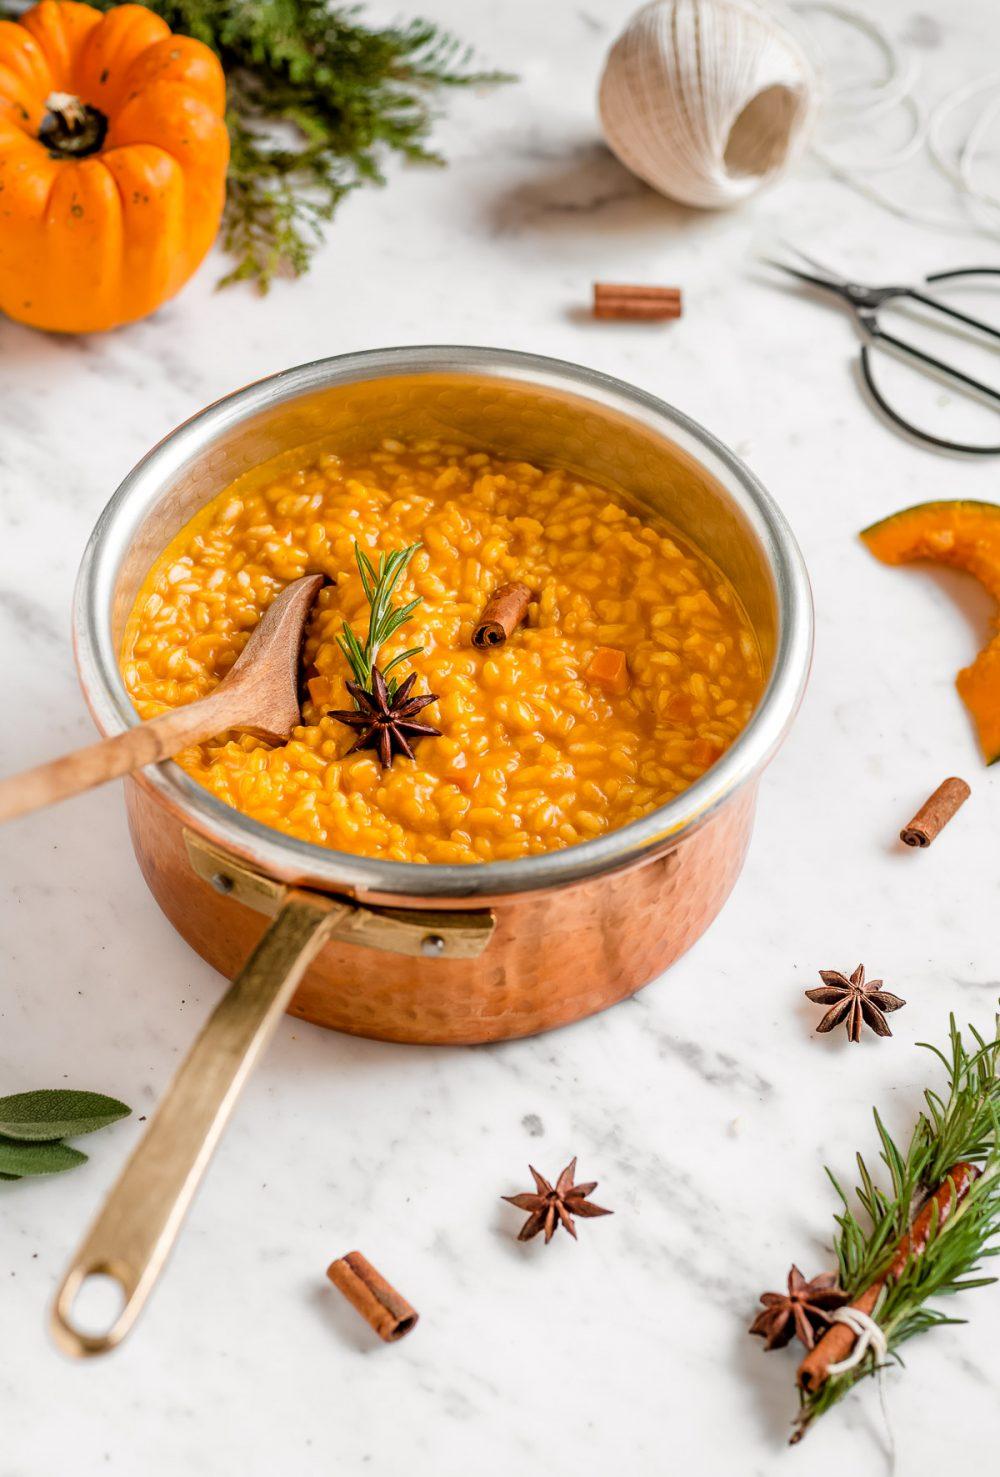 RISOTTO alla ZUCCA VEGAN Senza Glutine | ITALIAN VEGAN PUMPKIN RISOTTO gluten-free